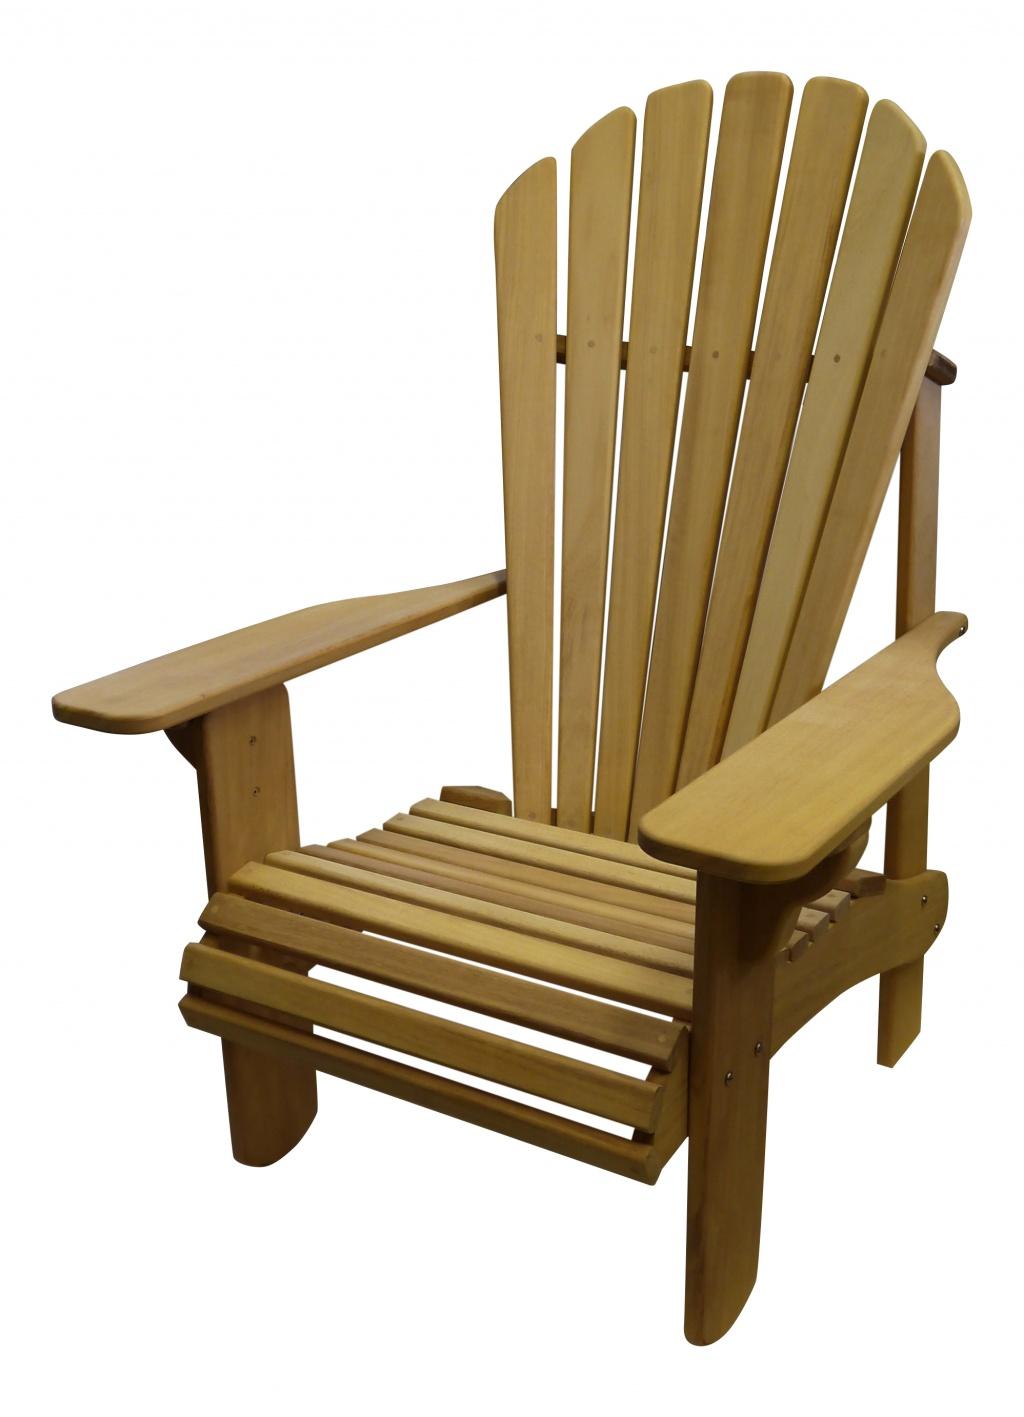 Adirondack Chairs Uk florida adirondack chair in iroko - hand made in the uk